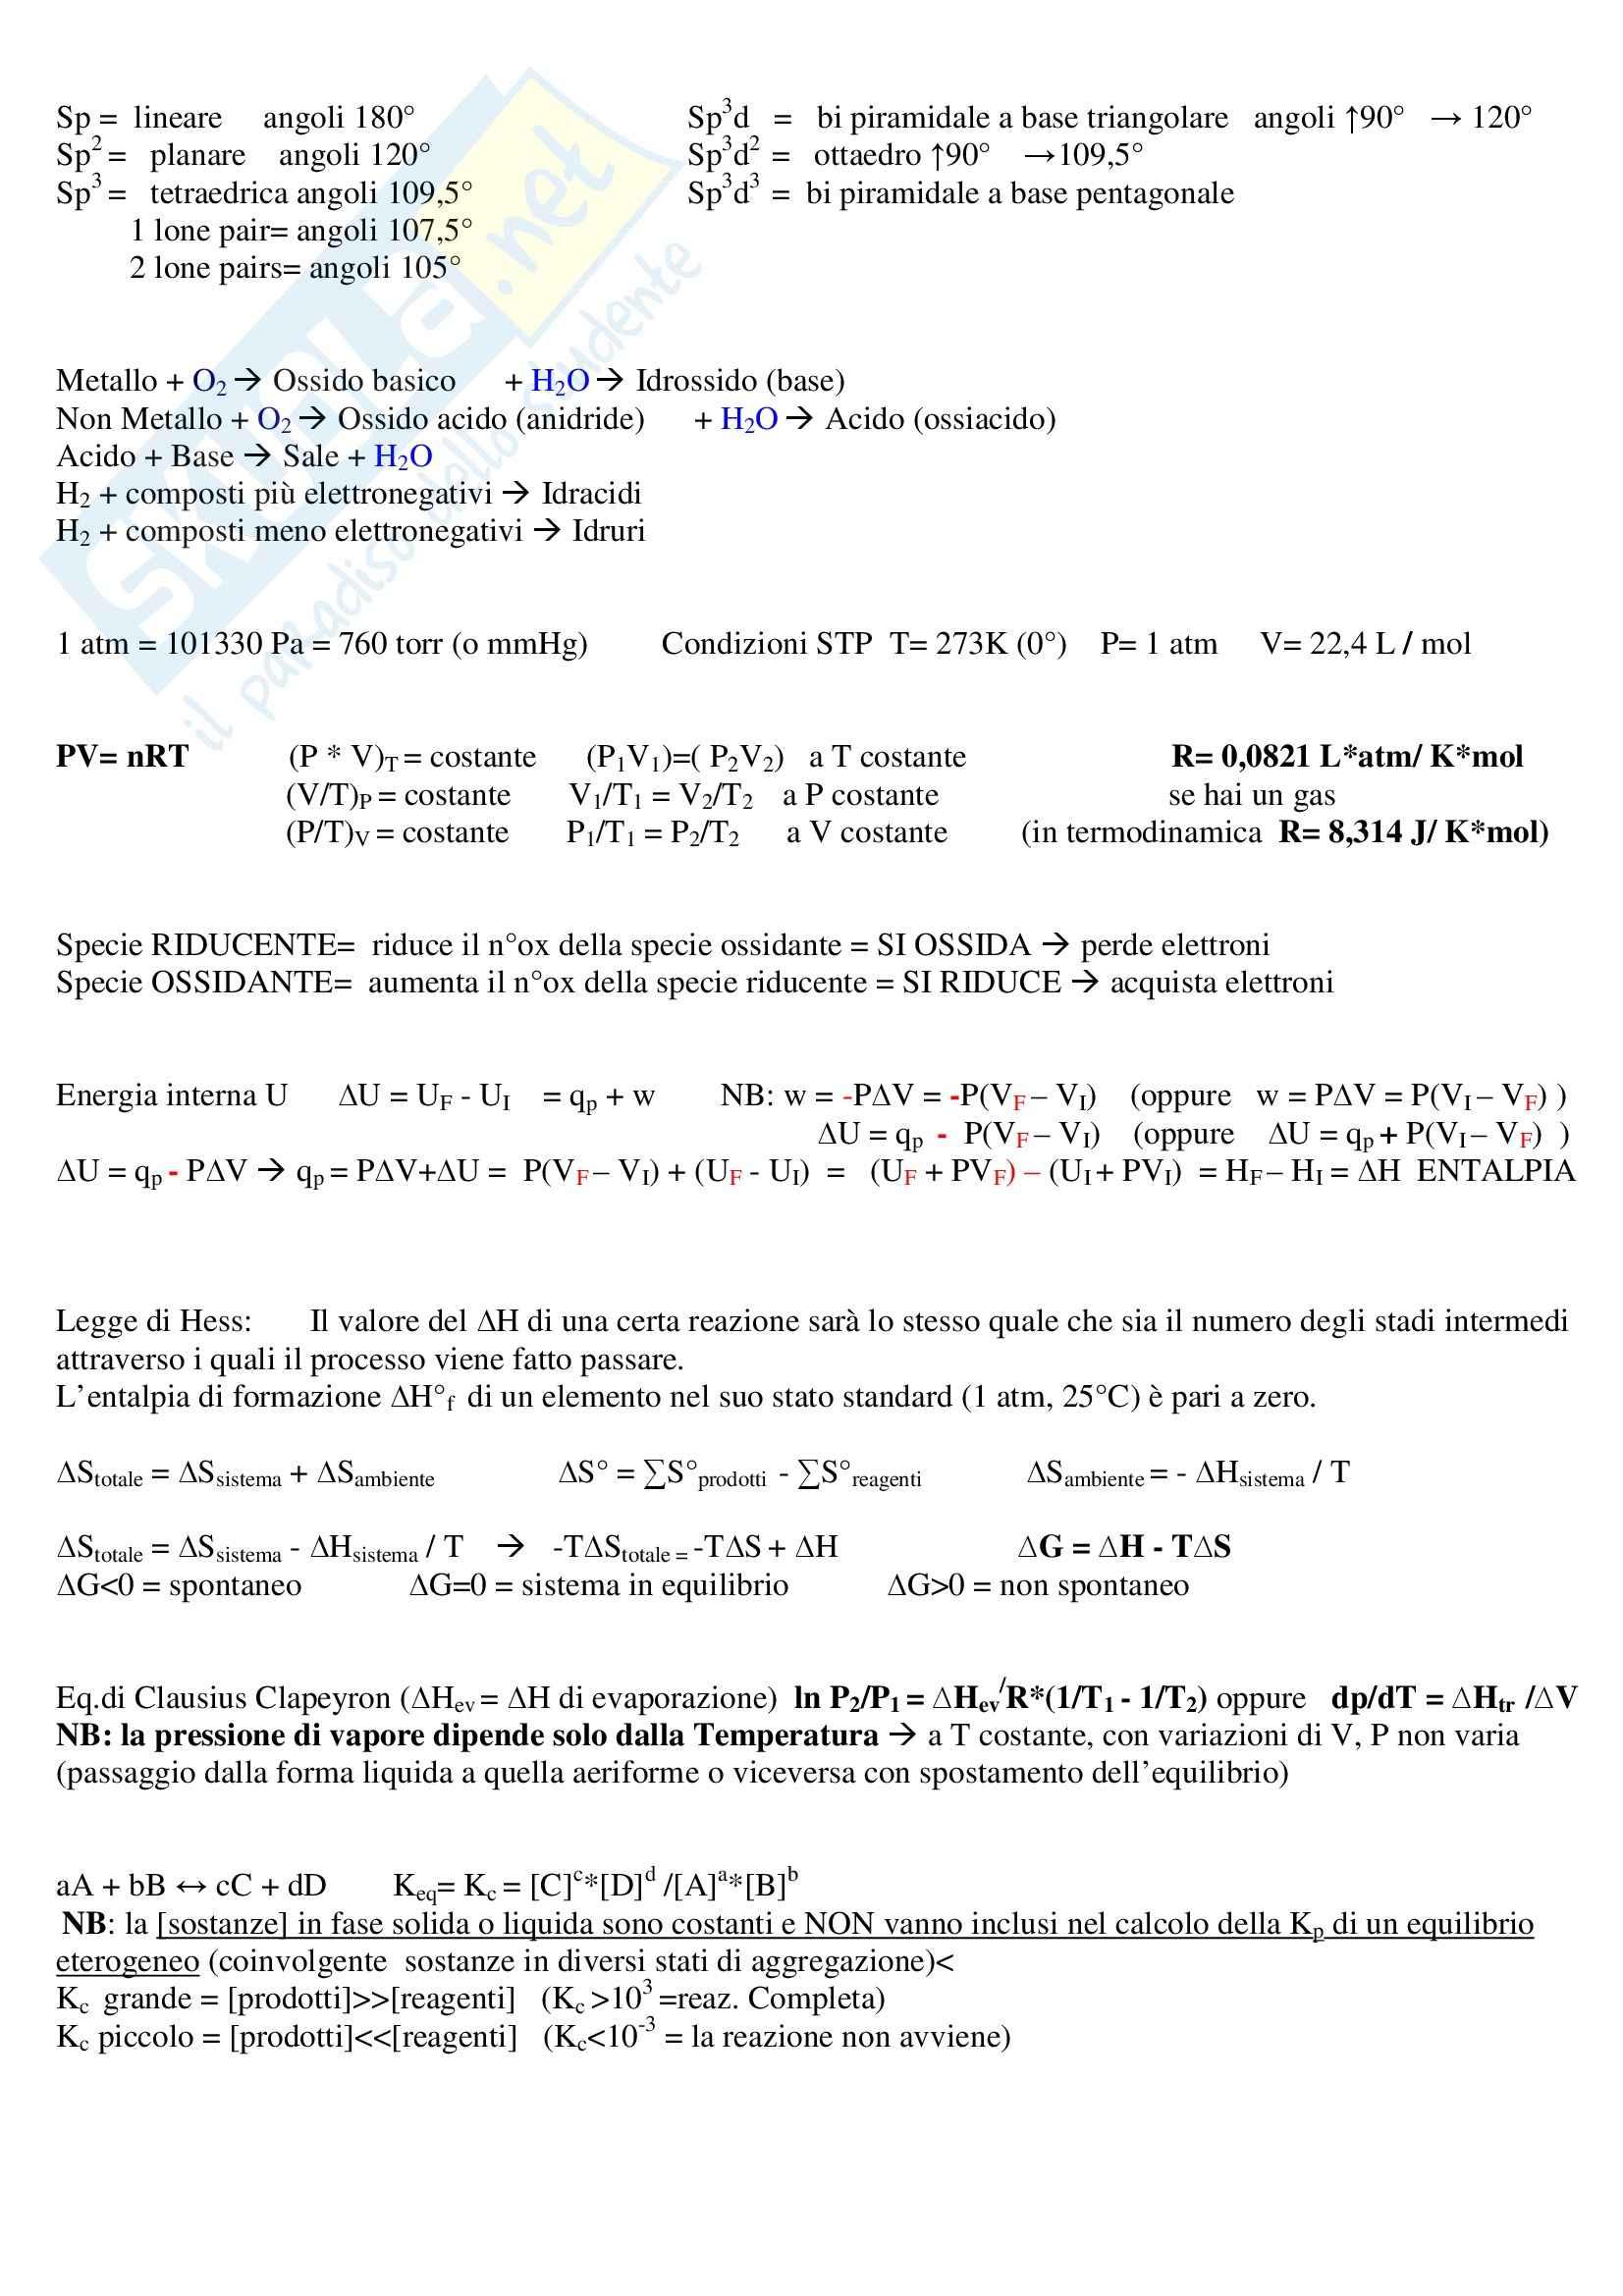 Chimica generale e inorganica - Formulario Completo